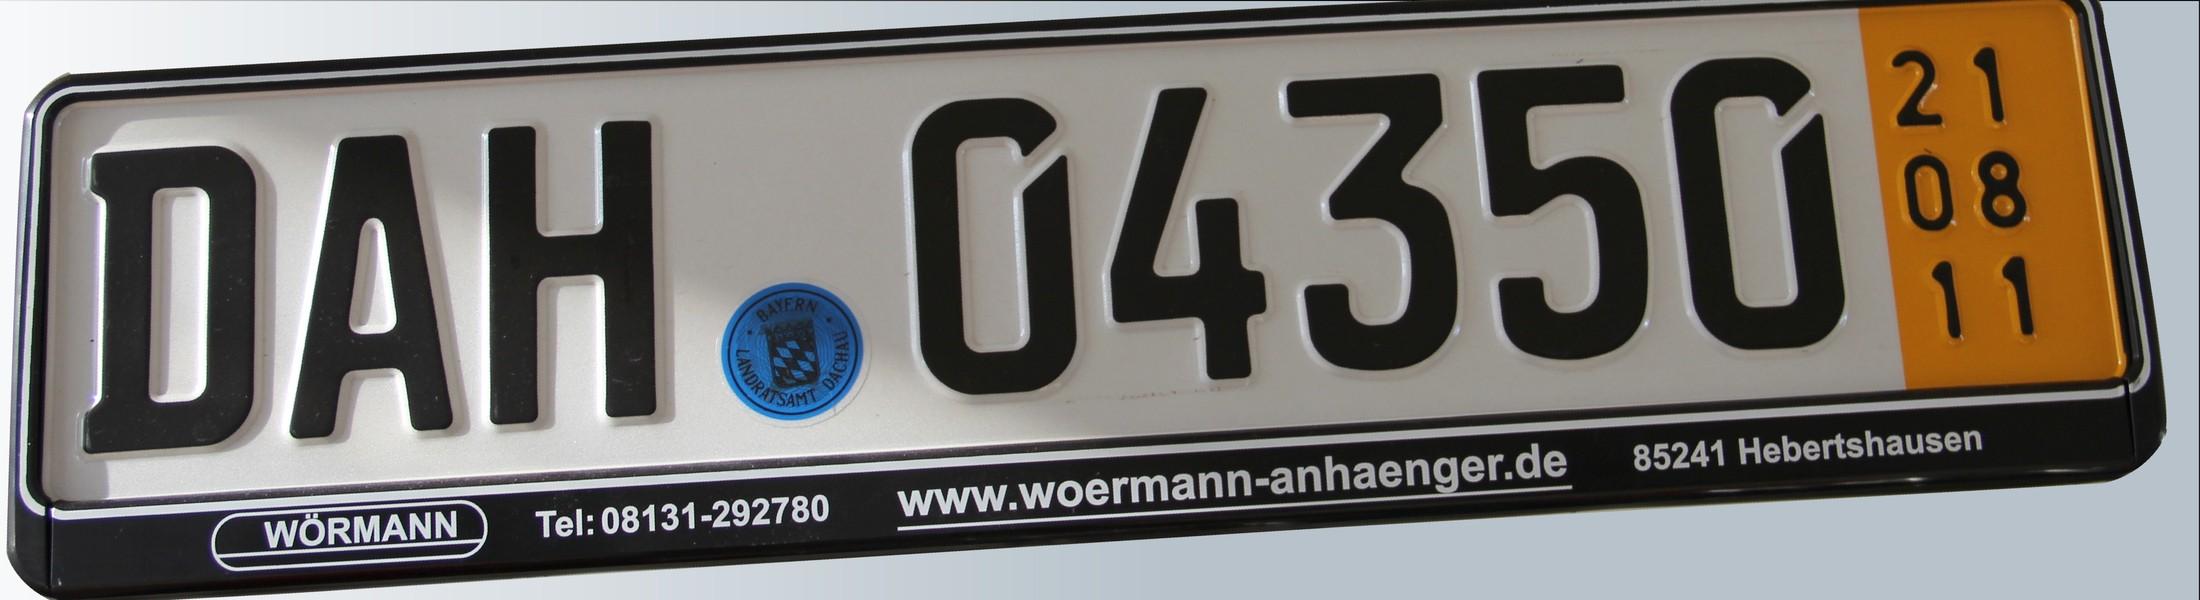 Licence Number Service Wormann Anhanger Pkw Anhanger